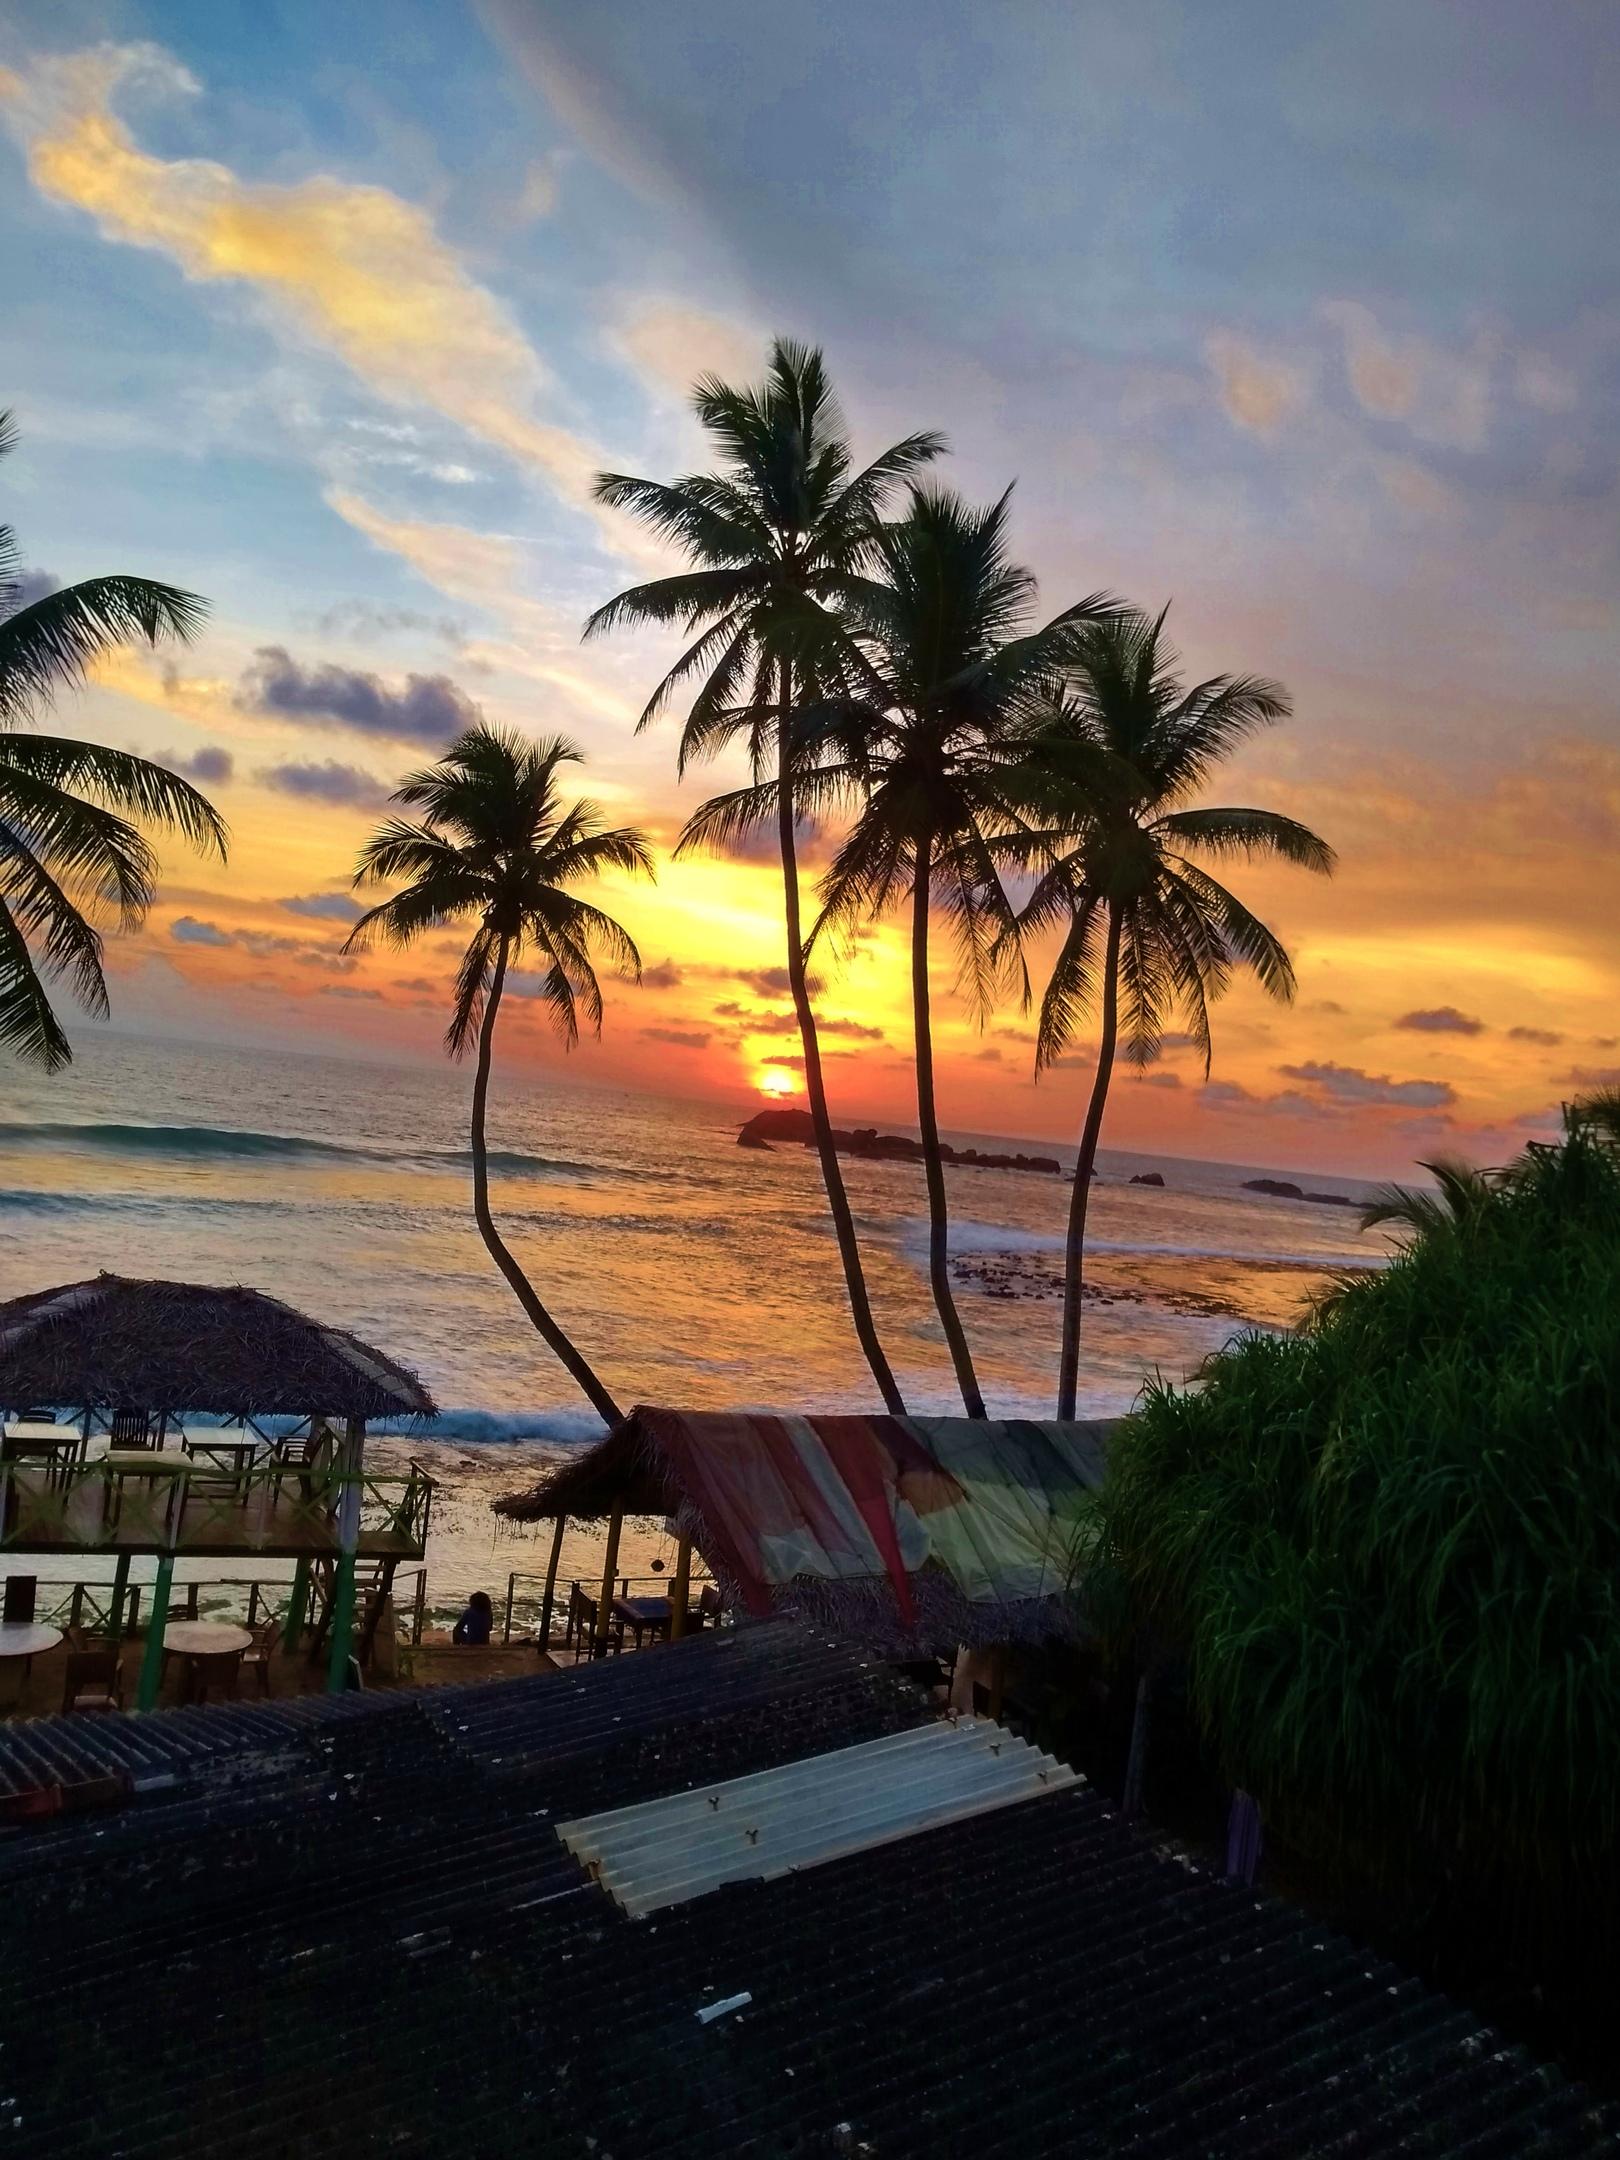 Шри Ланка (фото) - Страница 9 QuJoe2HkOdU